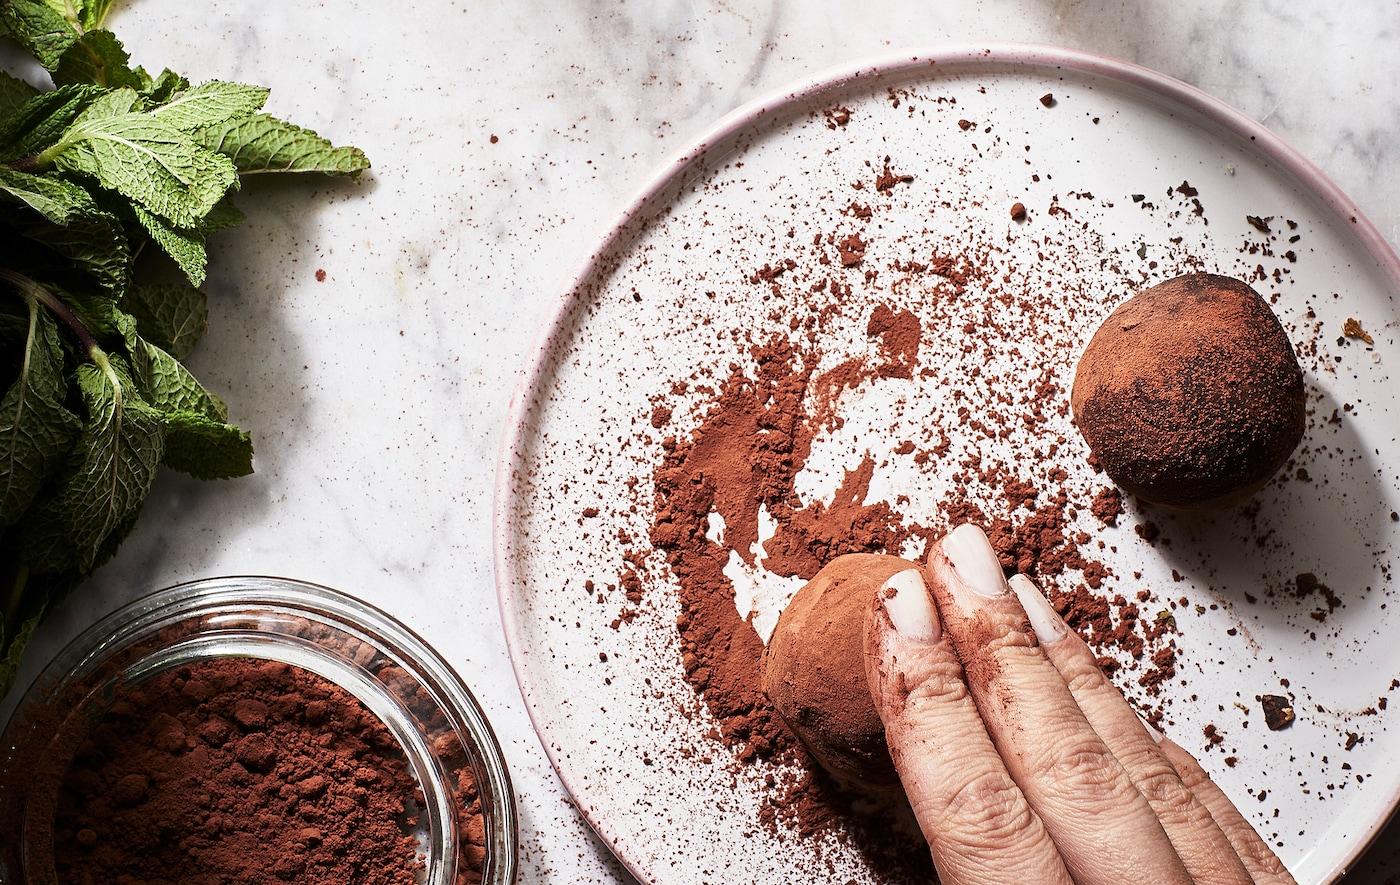 Eine Hand rollt eine Praline in Fleischbällchengröße in etwas Kakaopulver.